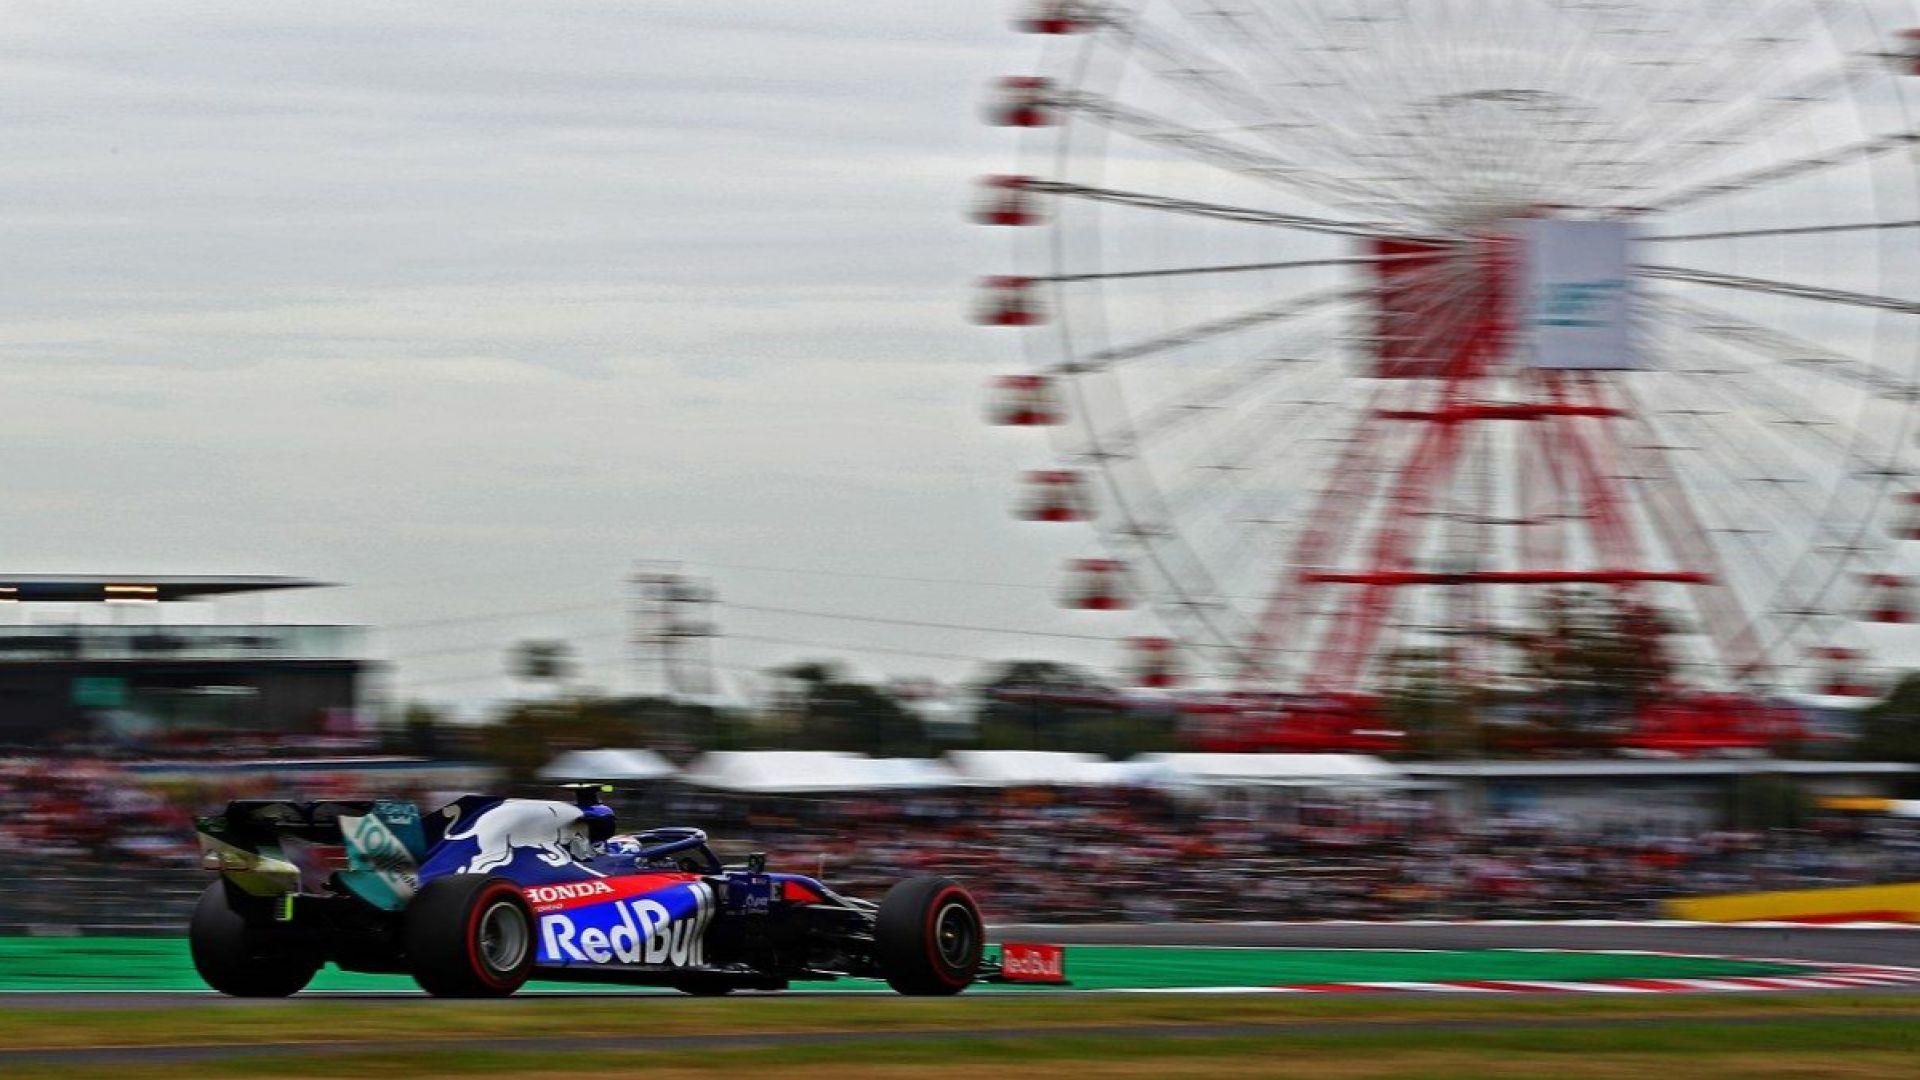 Формула 1 все пак върви, пилоти се състезават онлайн